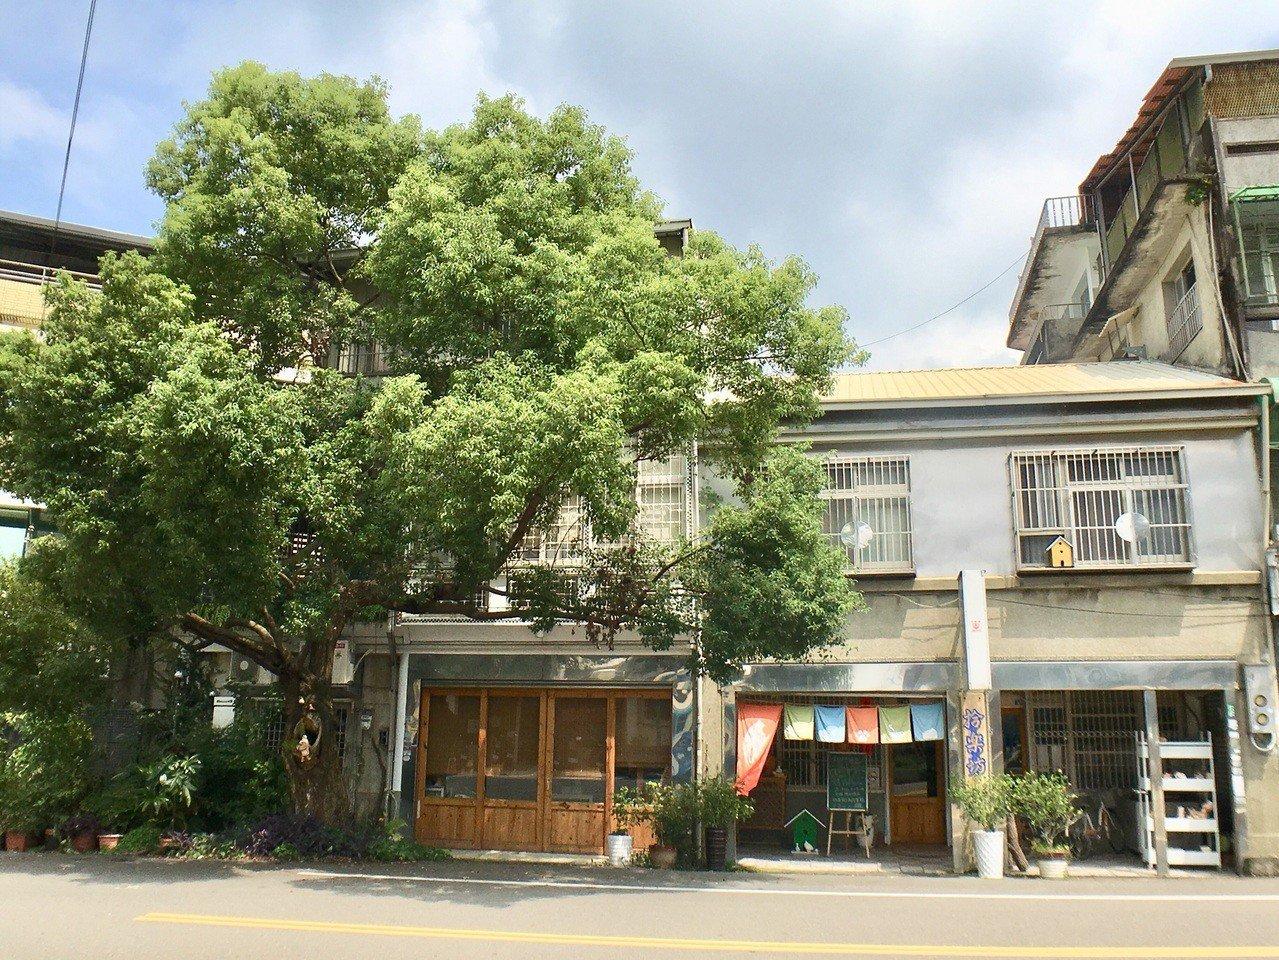 新竹縣北埔街上,一間屋齡超過八十年歷史的咖啡館,門前佇立著一棵三層樓高的老樟樹。...